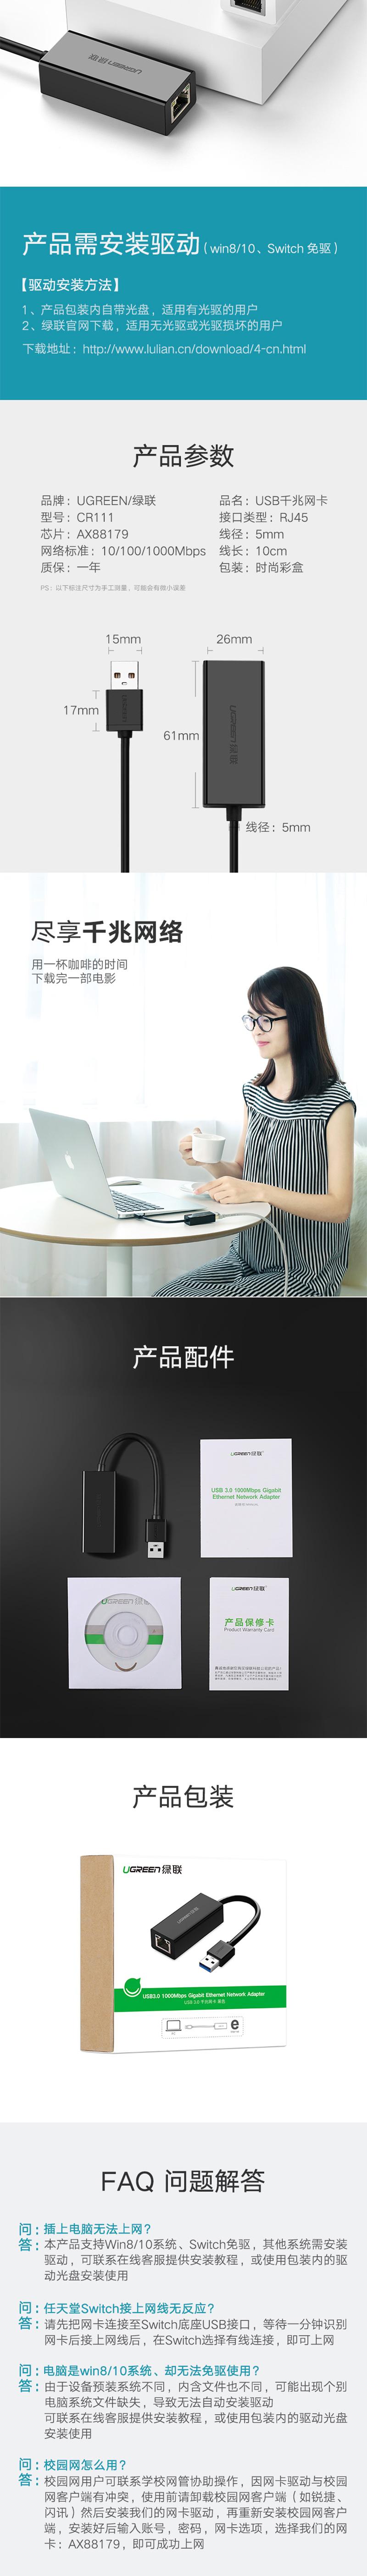 绿联20256 USB转RJ45网络转接头 USB3.0黑色 详情页